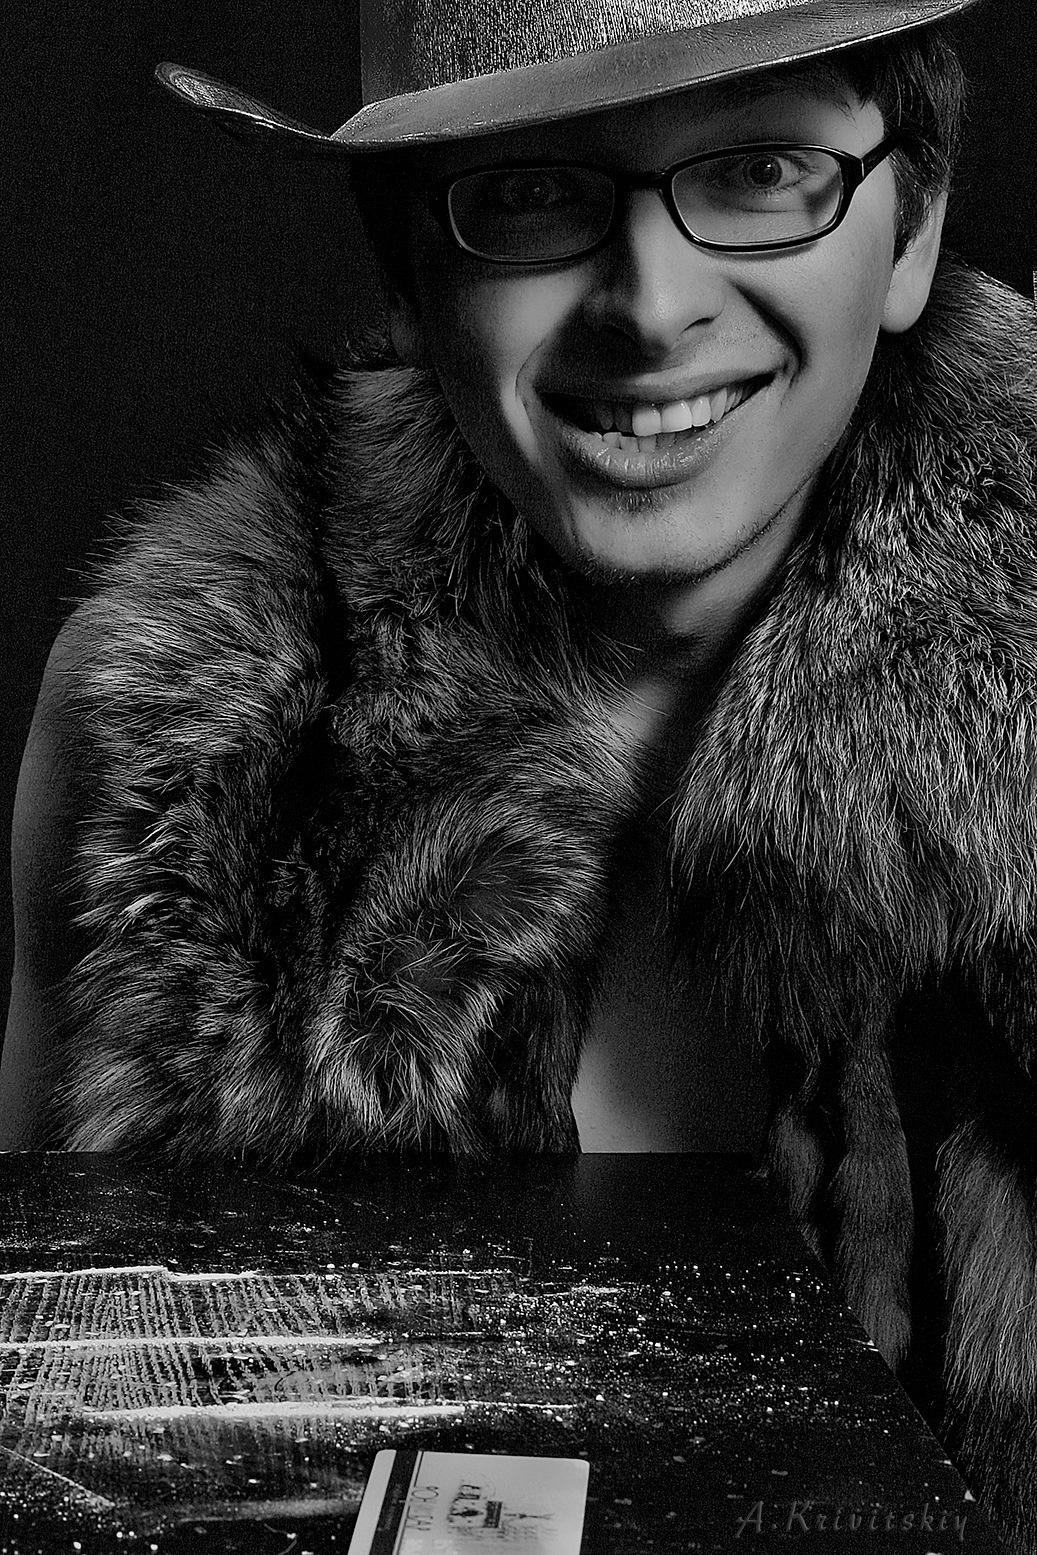 Композиция веселого портрета с мехом странного животного. Composition cheerful portrait with fur str by krivitskiy